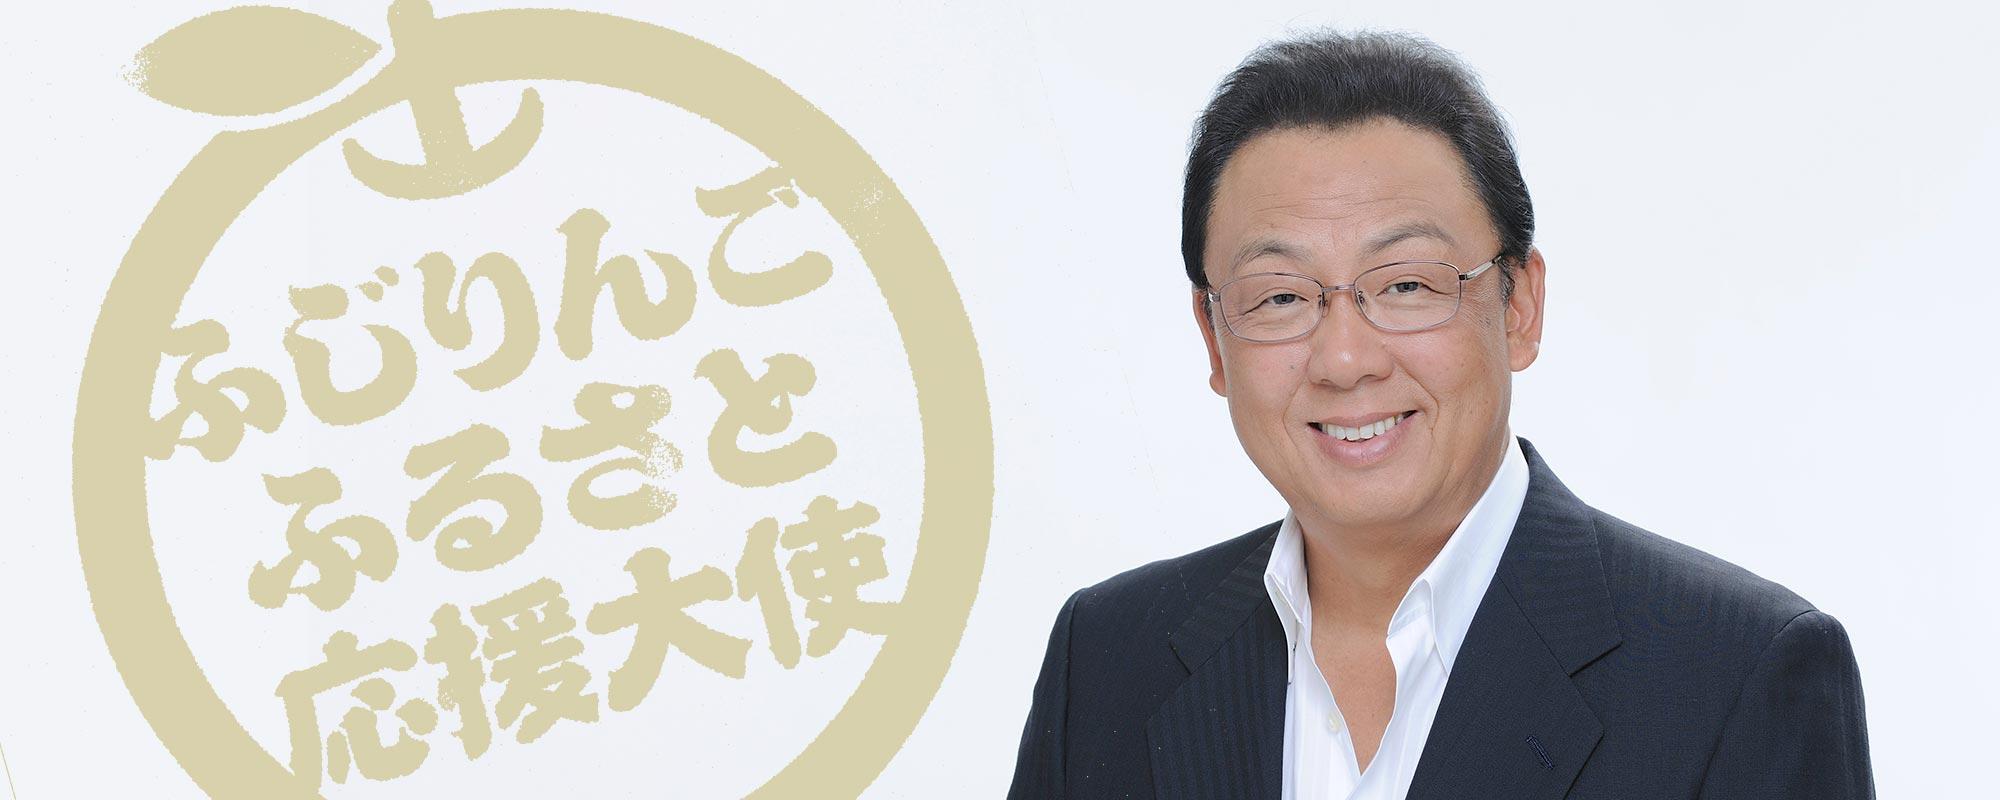 ふじりんごふるさと応援大使 梅沢富美男